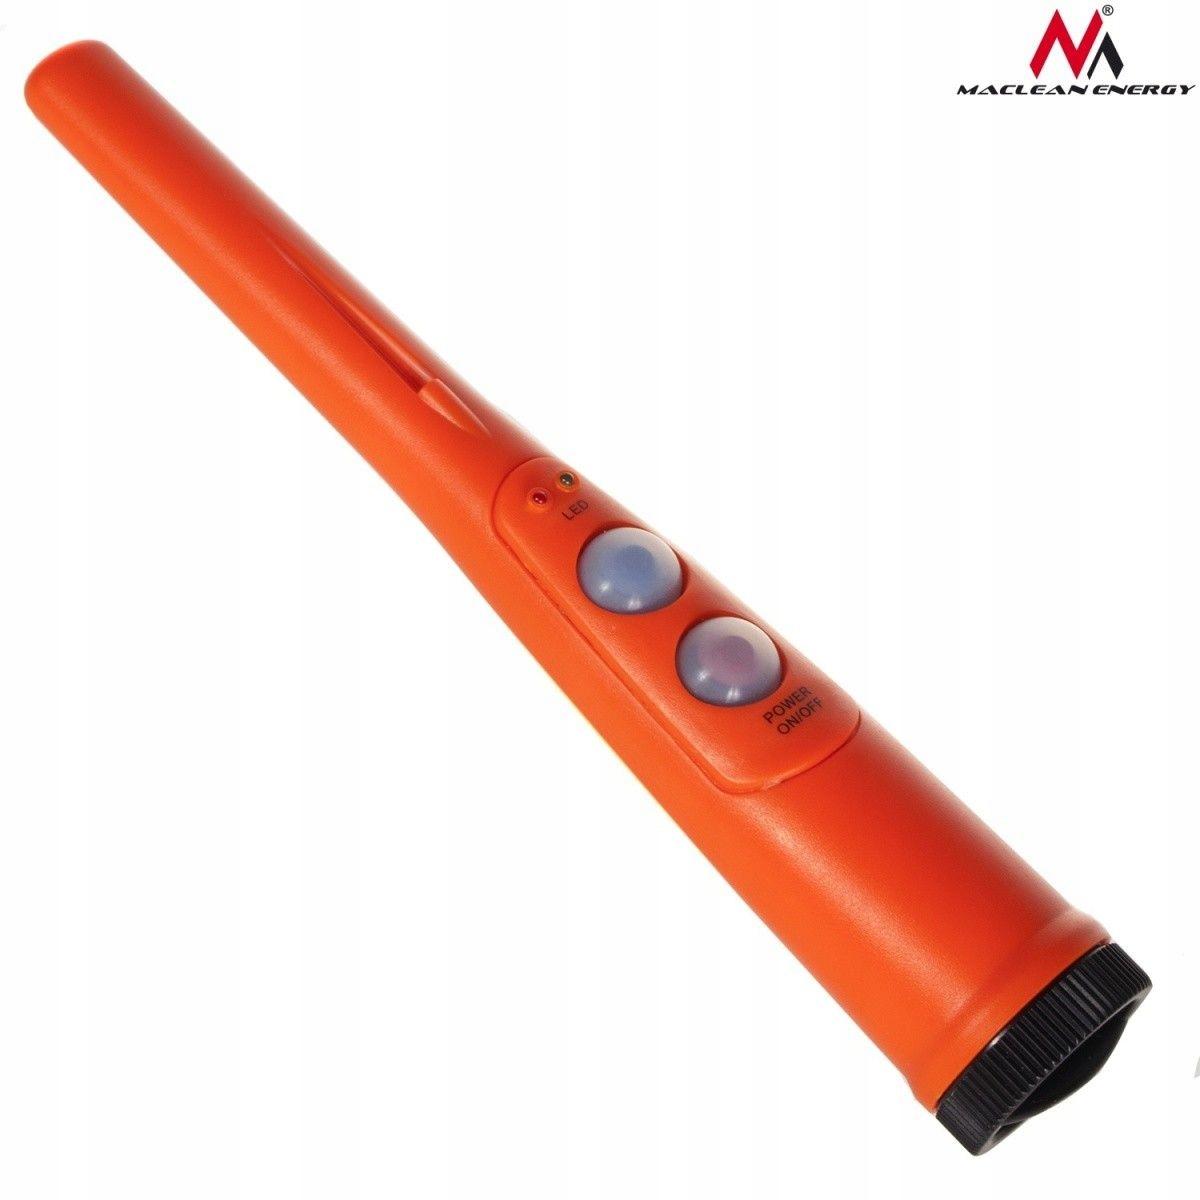 BYD - Maclean Wykrywacz Metali MCE120 Pointer wodo